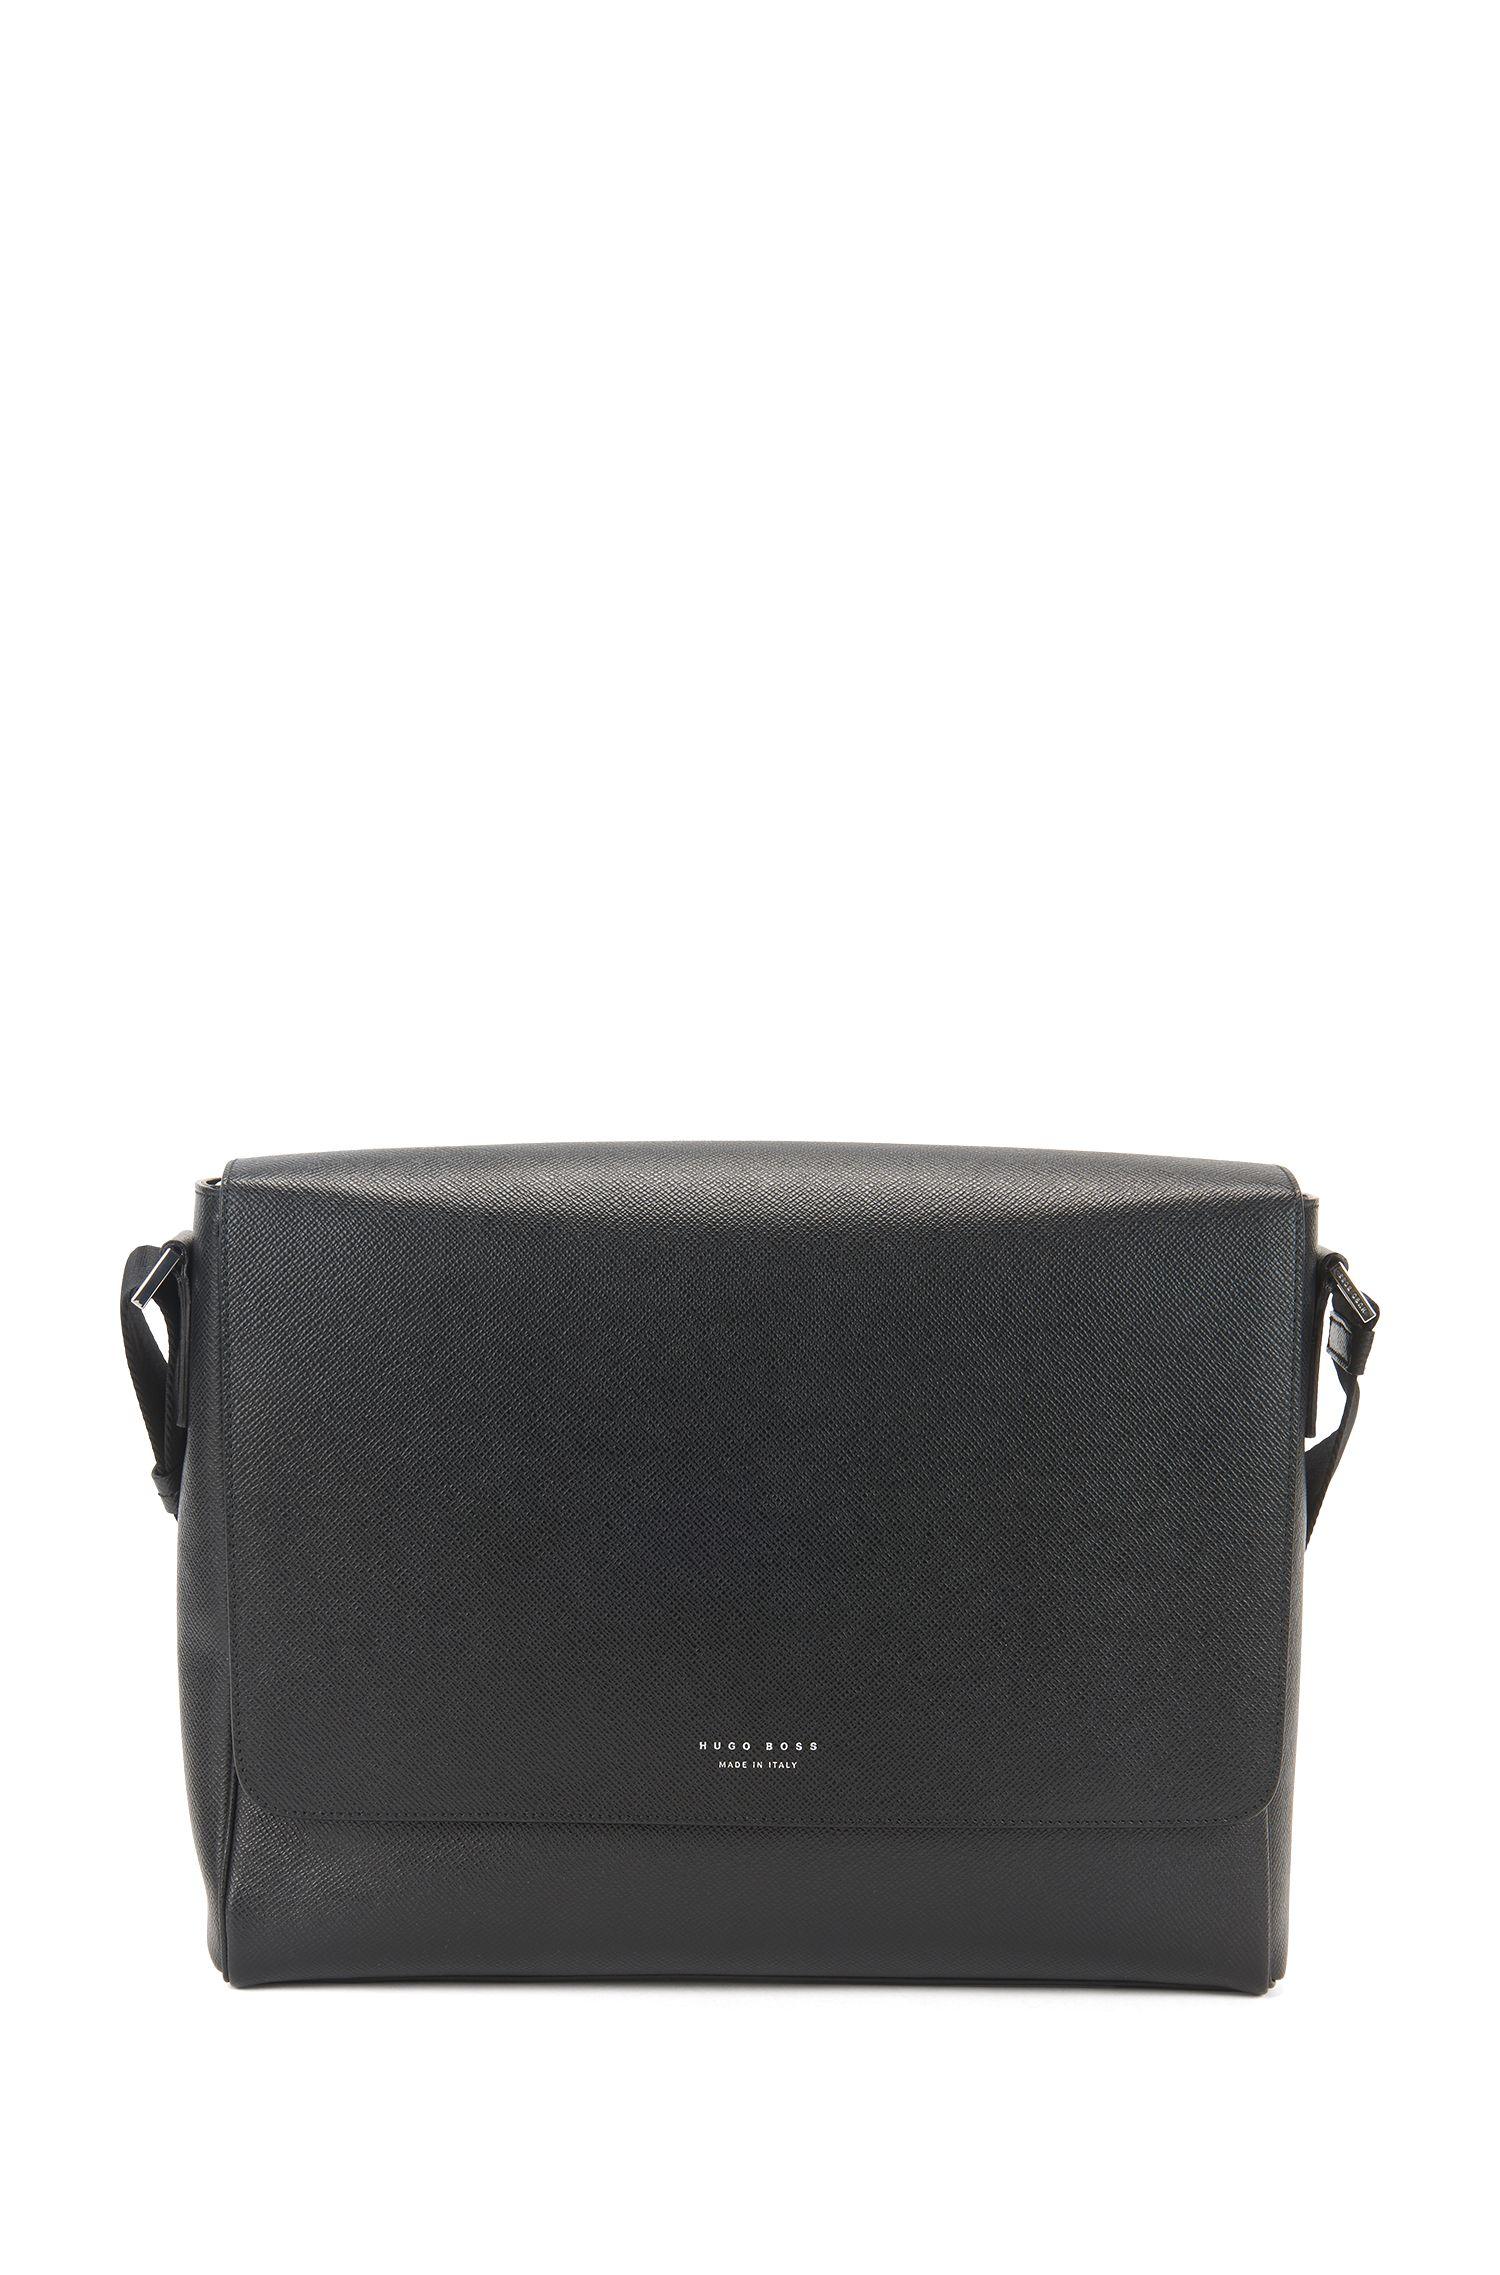 'Signature Mess Flap'   Leather Messenger Bag, Shoulder Strap